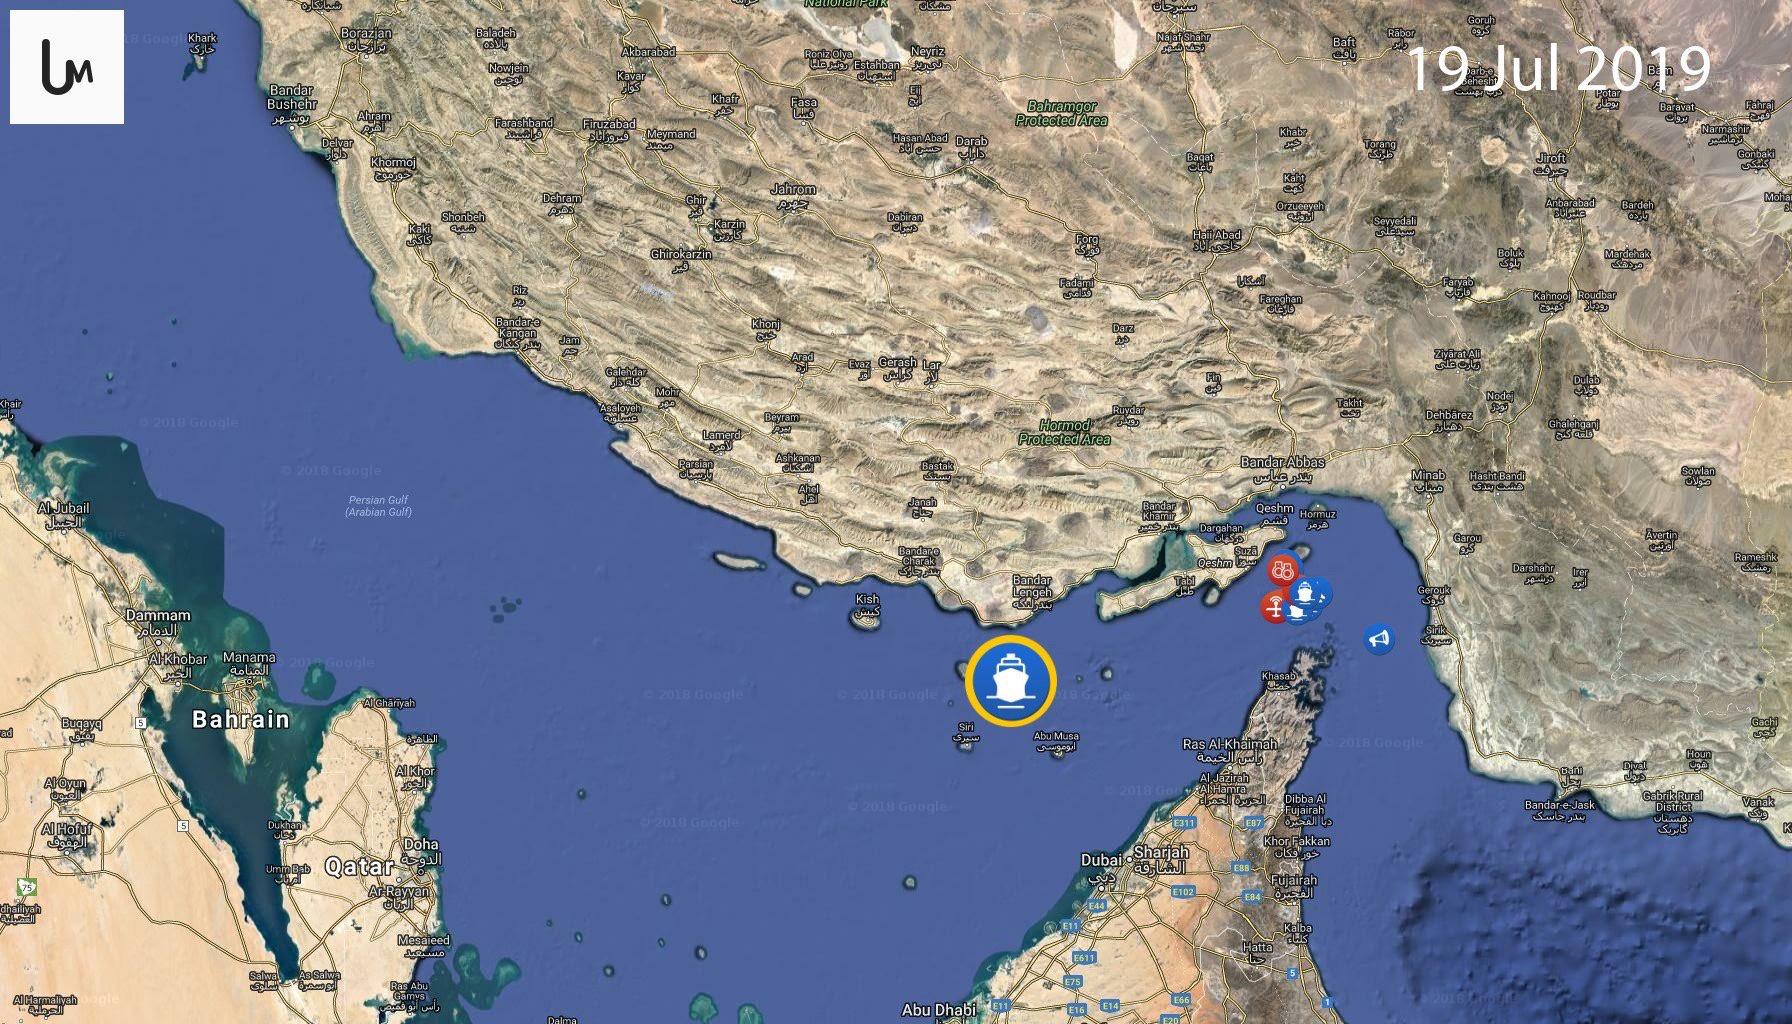 Βρετανικό τάνκερ στο Ιράν: Σοβαρότατες εξελίξεις που μπορούν να προκαλέσουν παγκόσμια ανάφλεξη